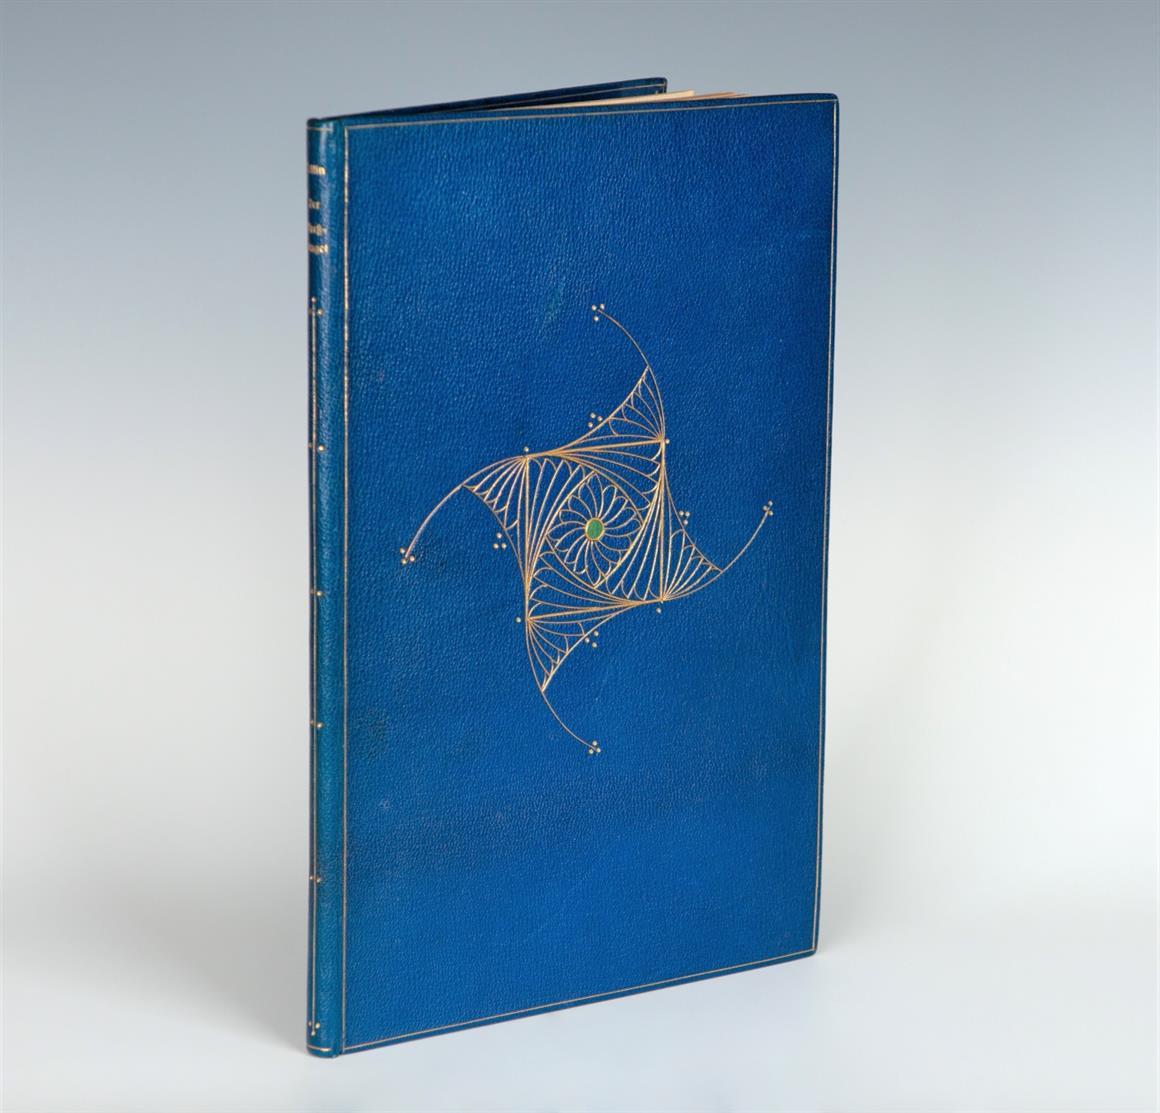 Paul Kersten. Blauer verg. Saffian-Franzband. Inhalt: E. Collin, Der Pressbengel. Bln. 1922. - 1000 Ex.